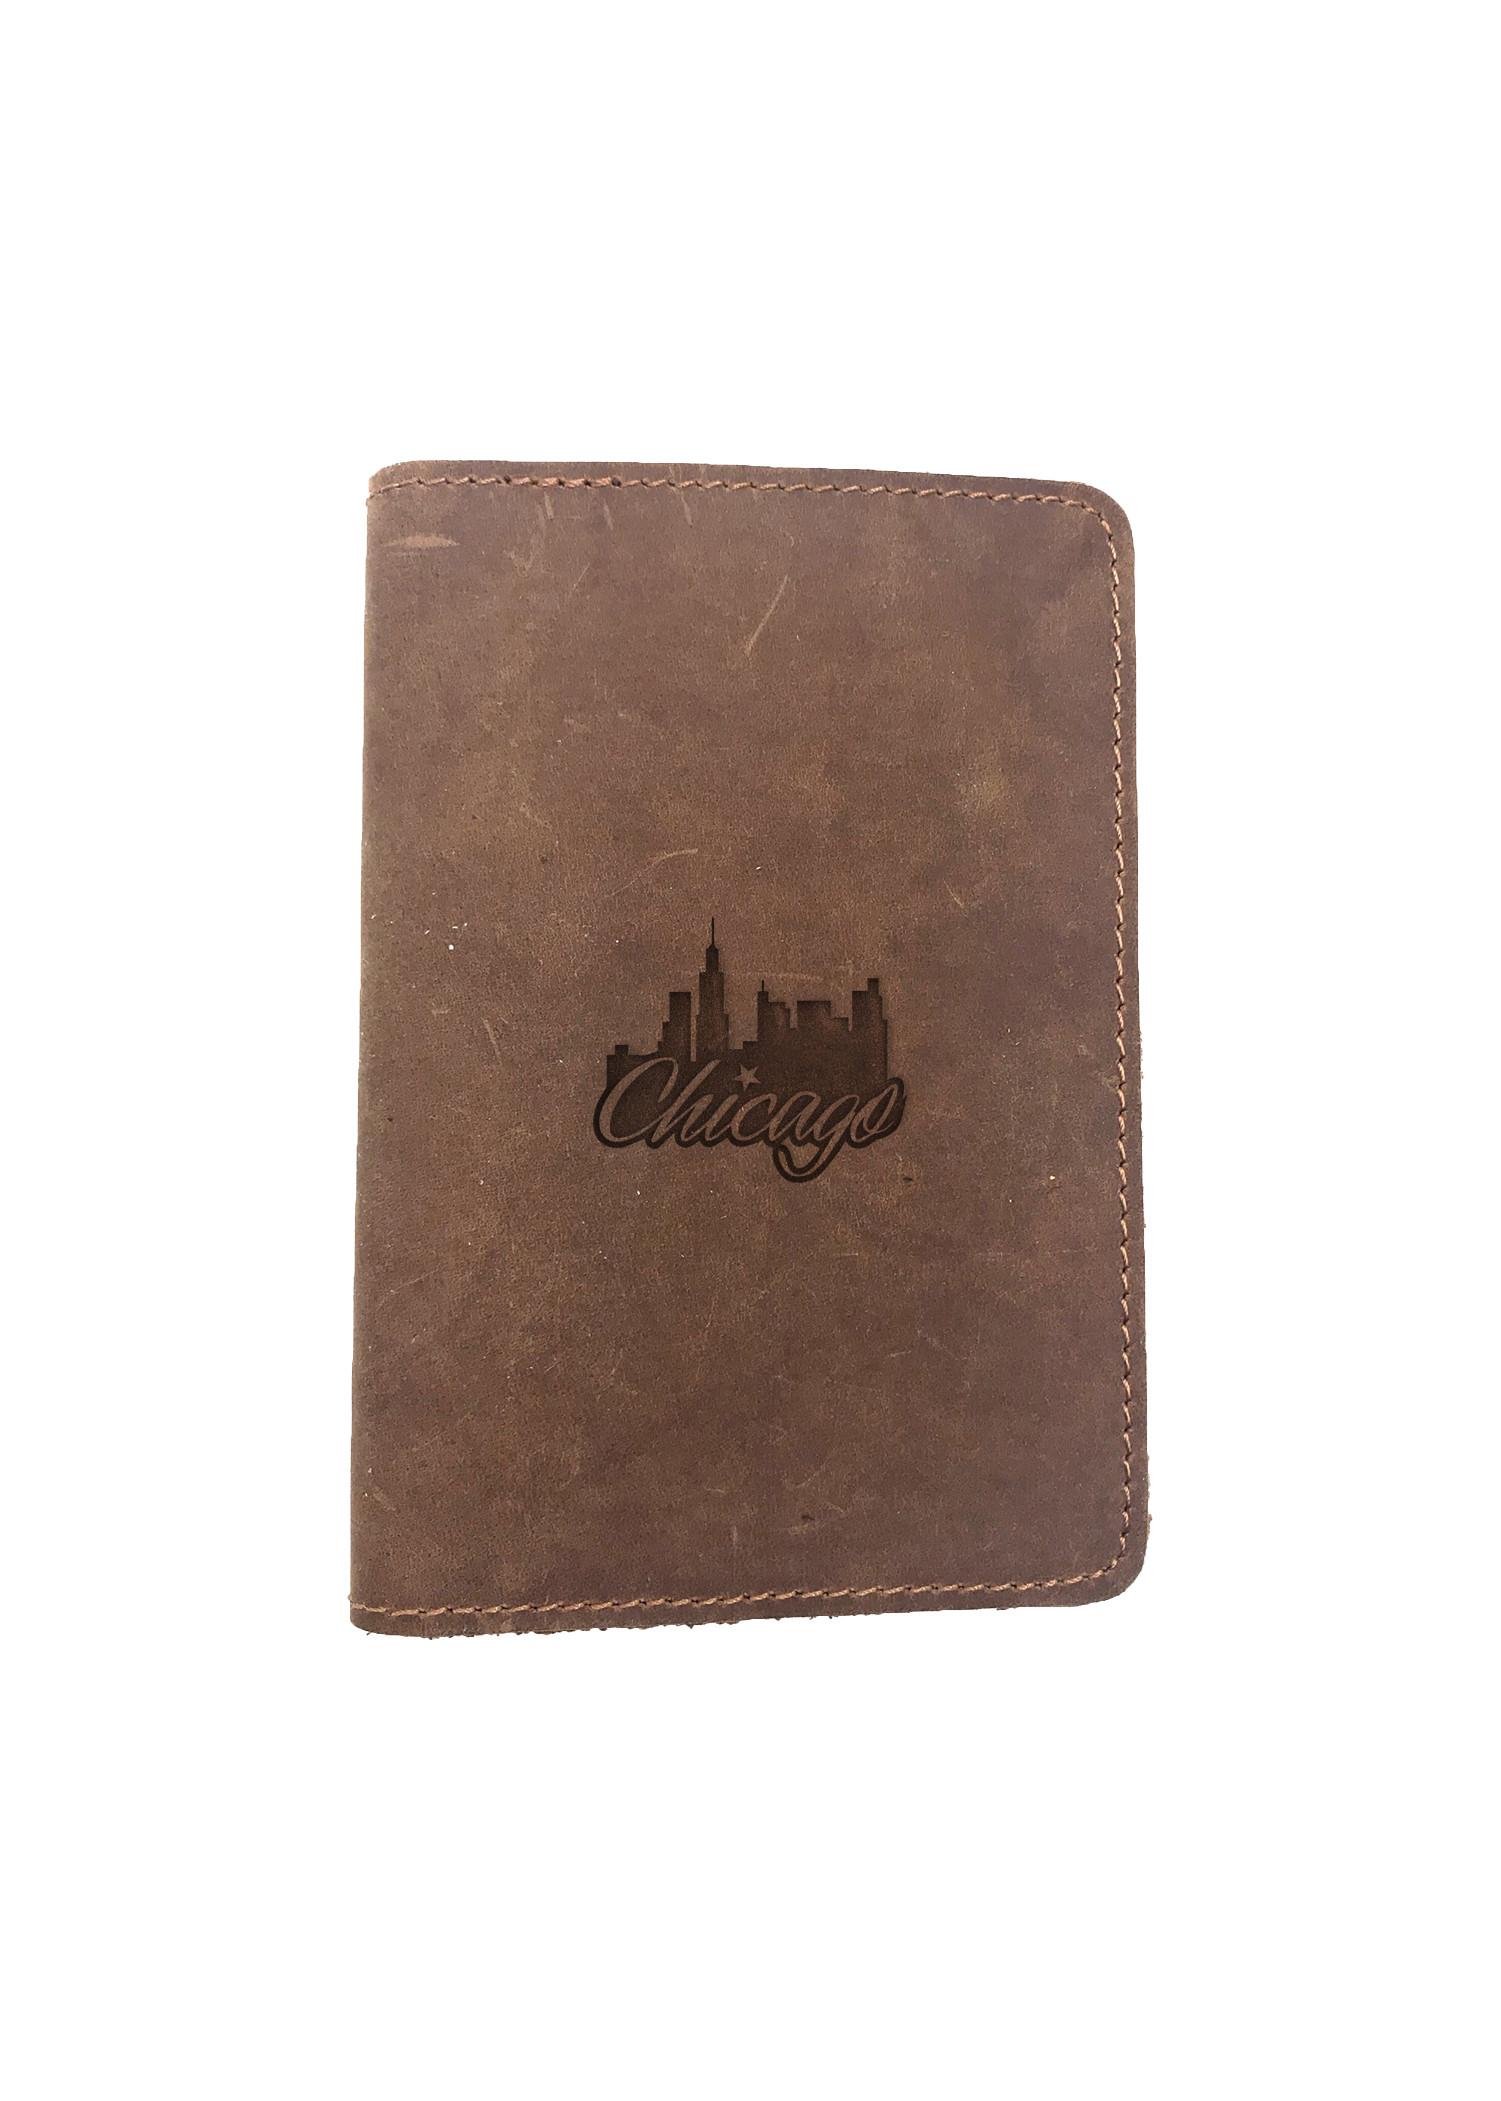 Passport Cover Bao Da Hộ Chiếu Da Sáp Khắc Hình Thành phố CHICAGO (BROWN)